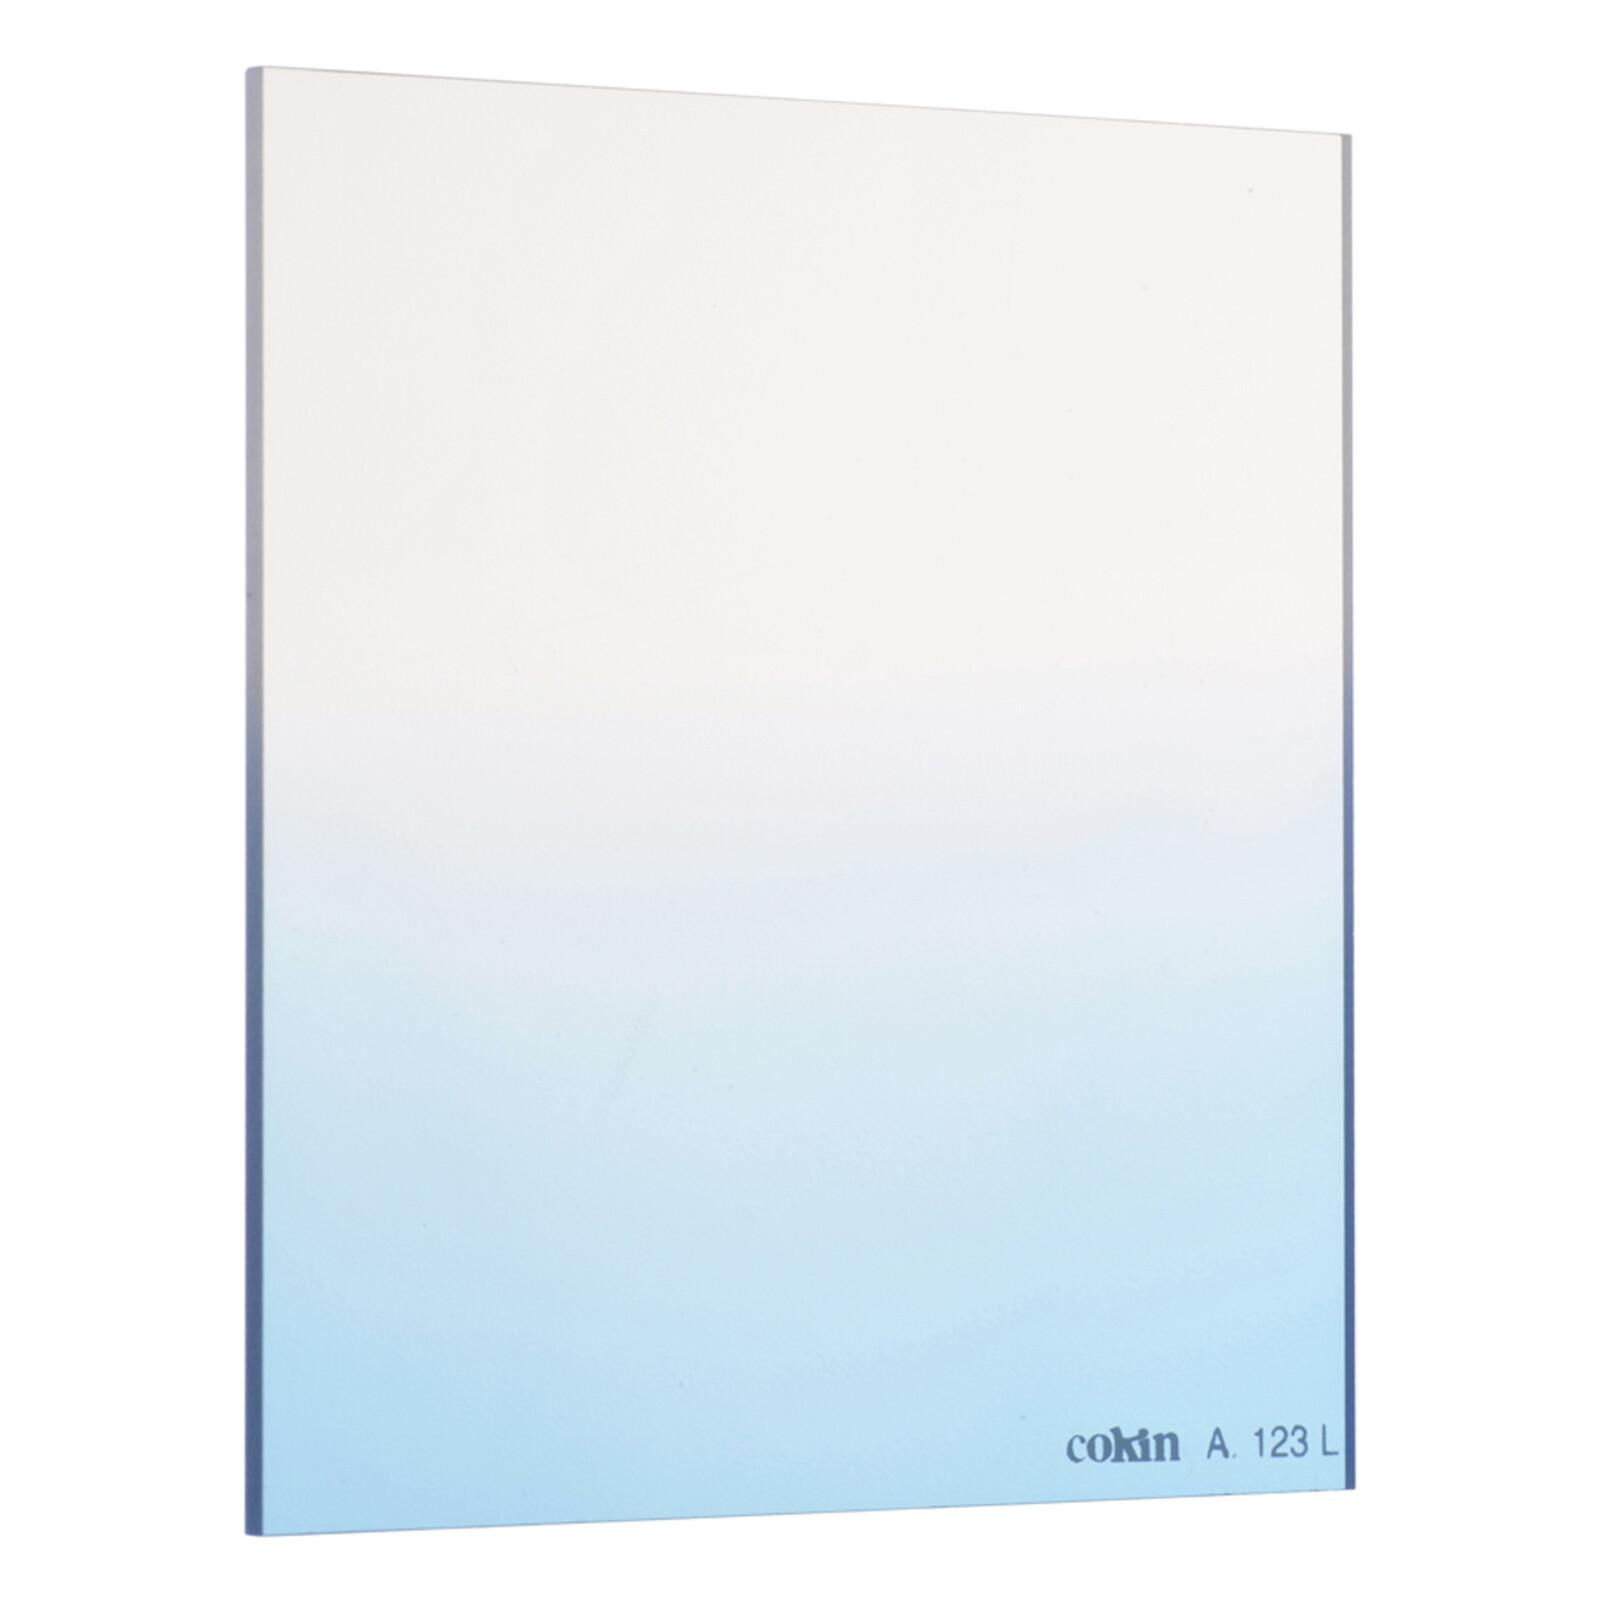 Cokin Z123L Verlauf Blau 2L